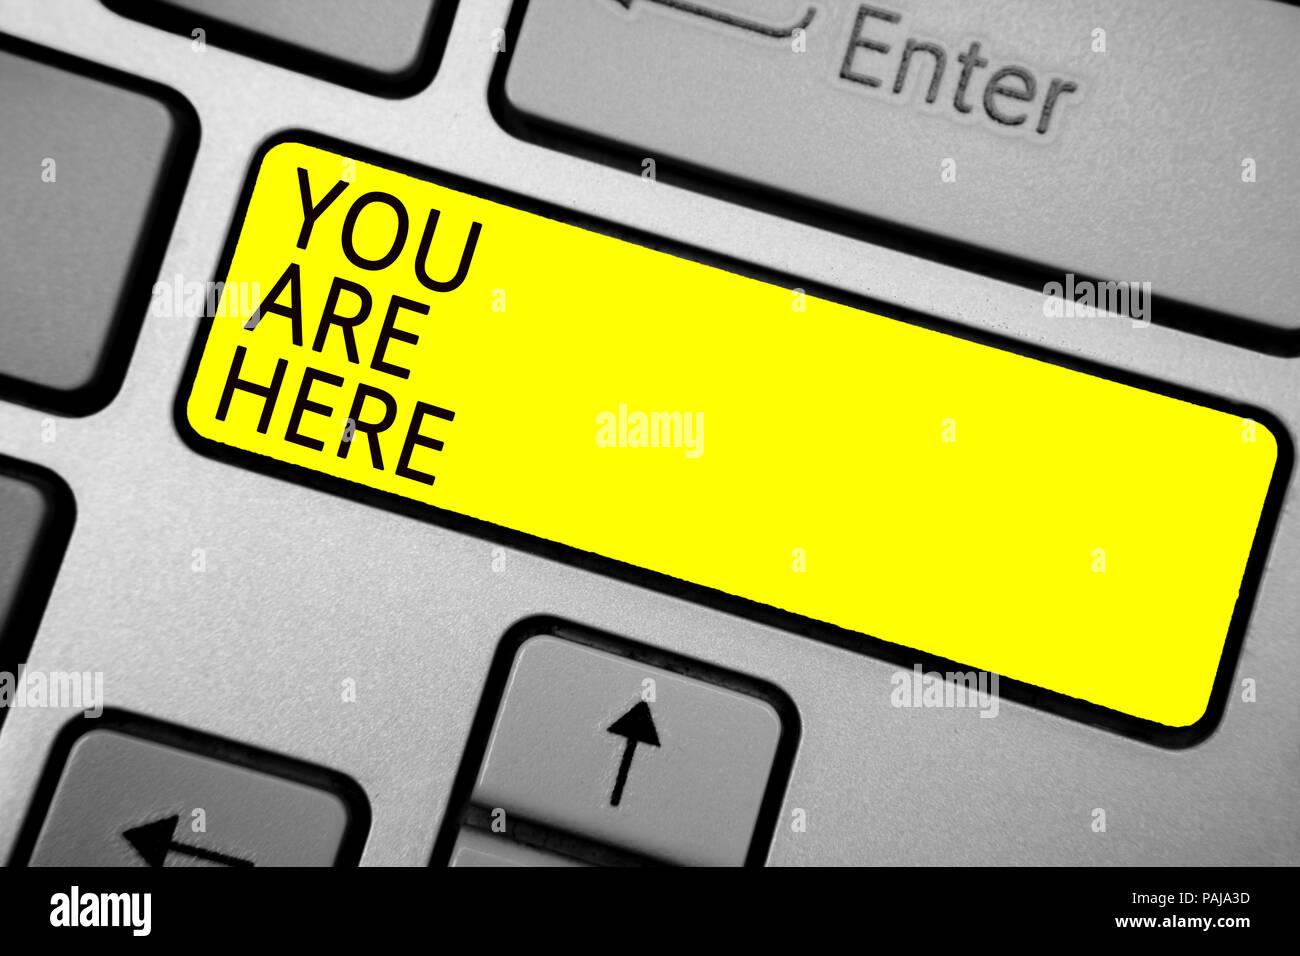 Escritura escritura de texto Usted está aquí. Concepto Significado Este es tu punto de referencia de la ubicación del sistema de posicionamiento global ceniciento teclado de ordenador con amarillo Imagen De Stock